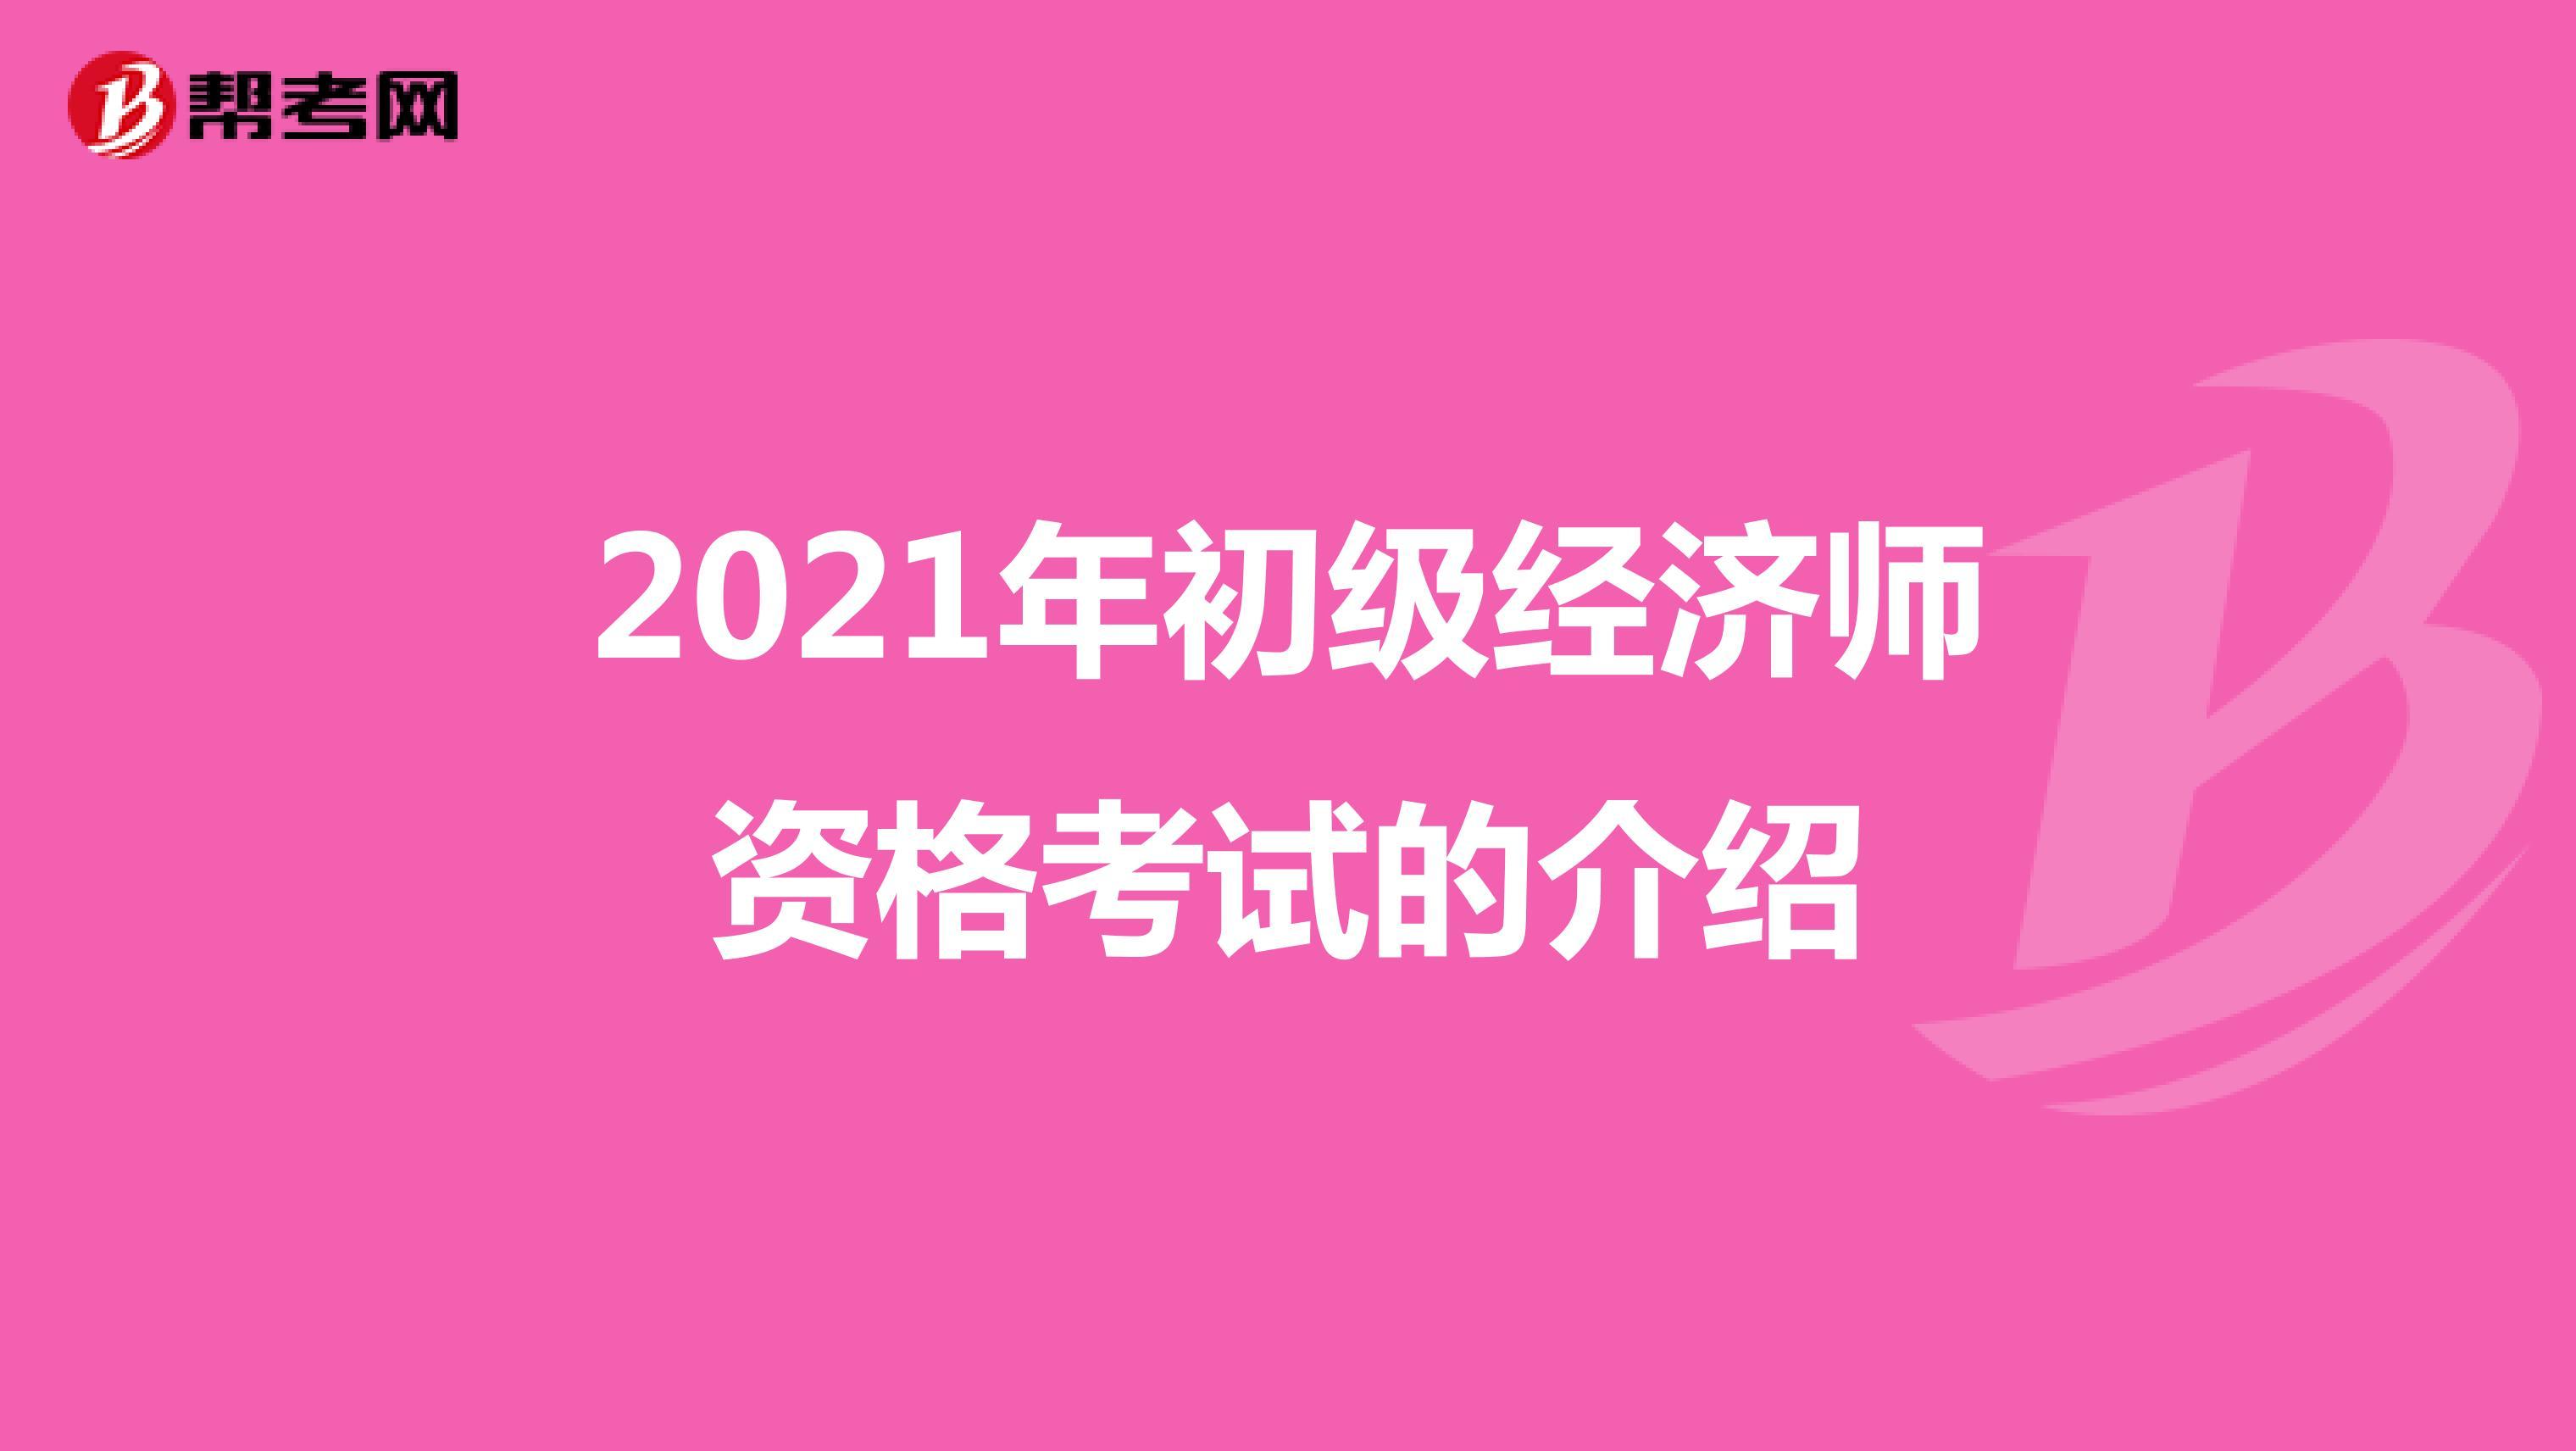 2021年初级经济师资格考试的介绍